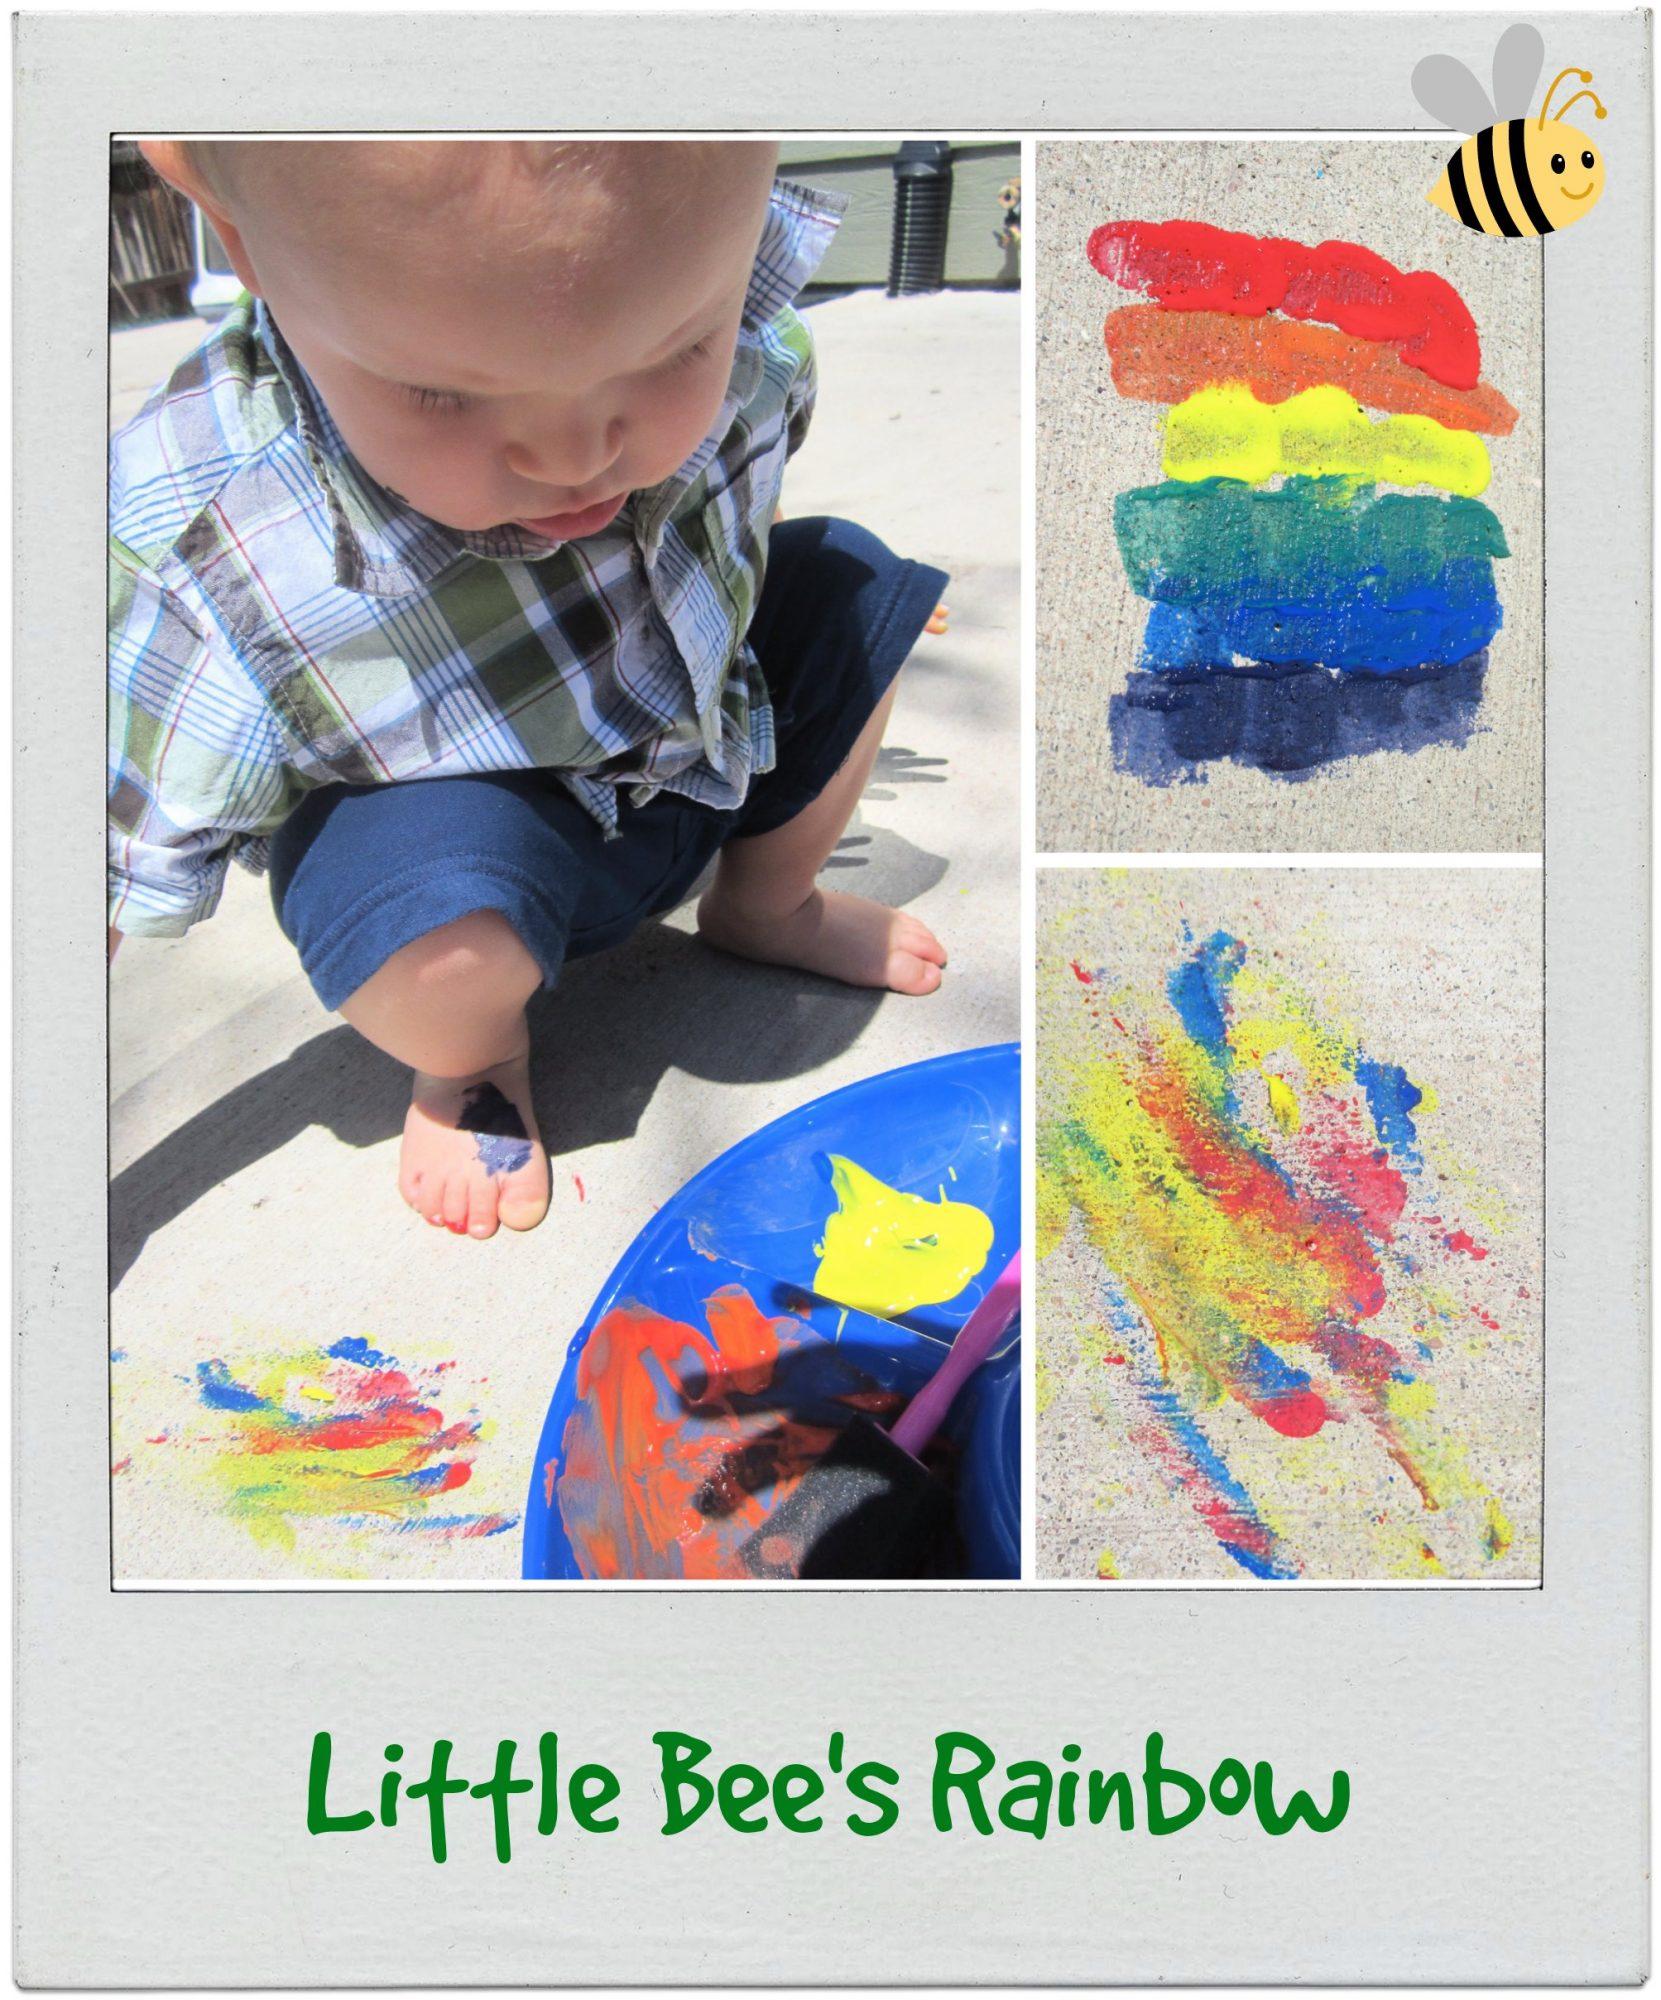 Little Bee's Rainbow